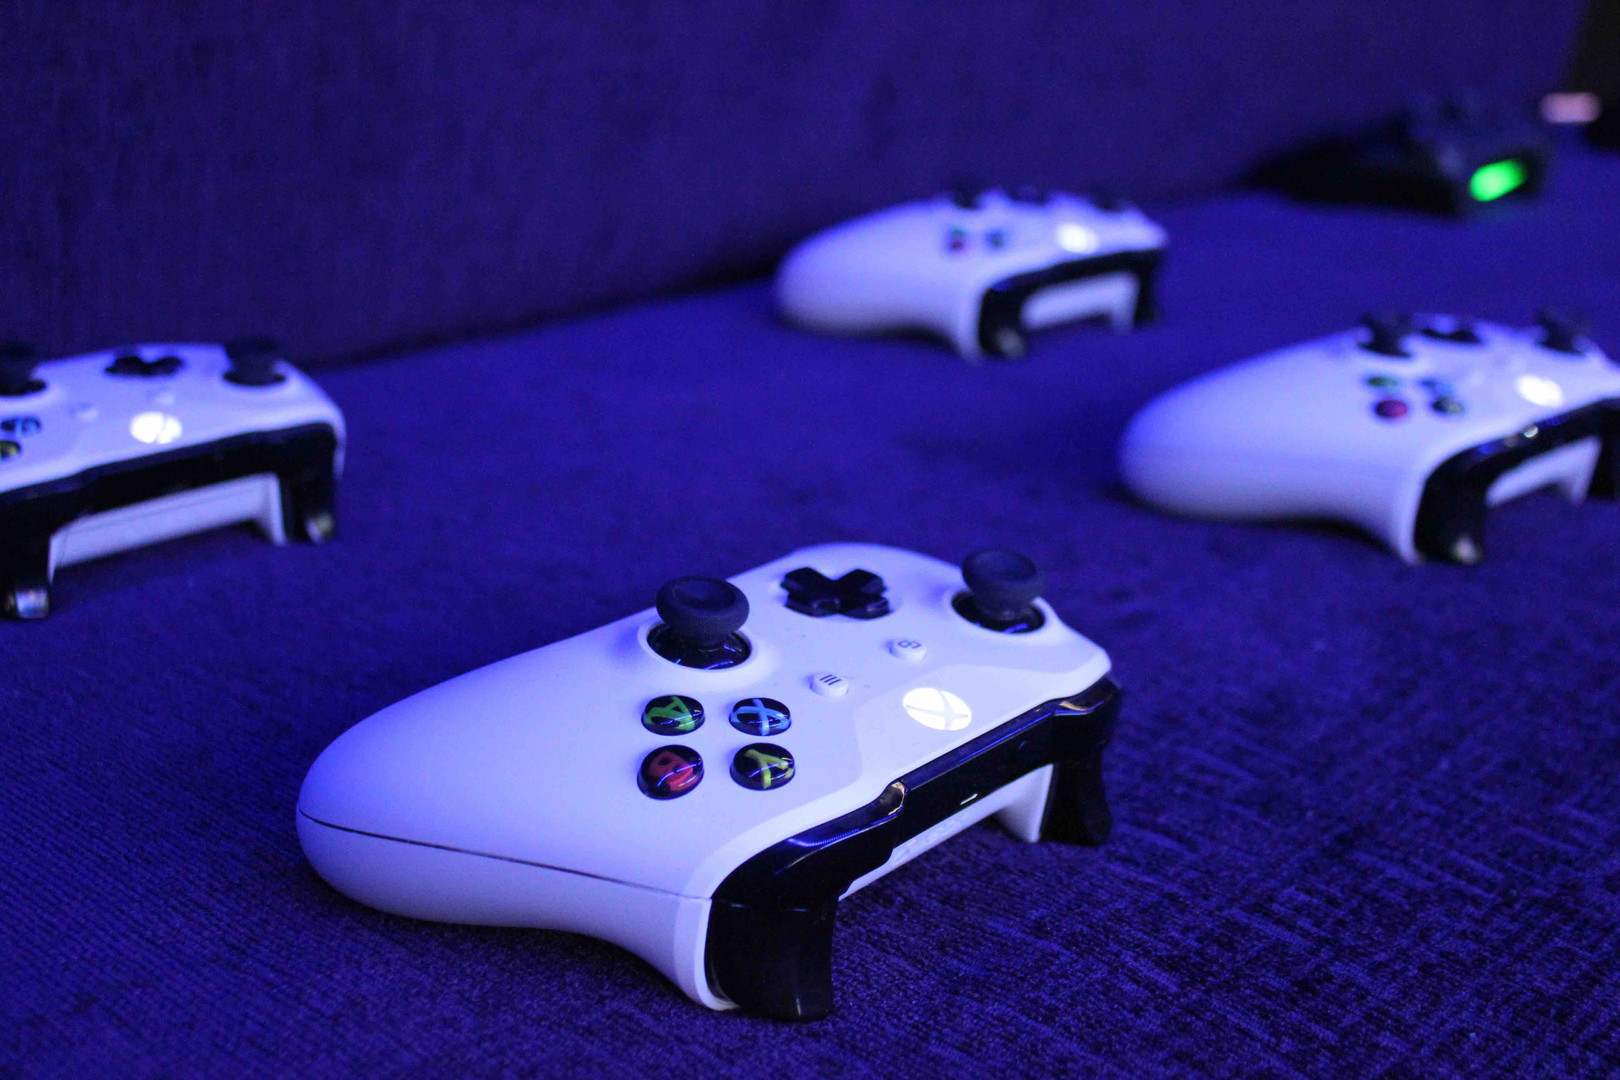 XBOXCONTROLLERS.jpg